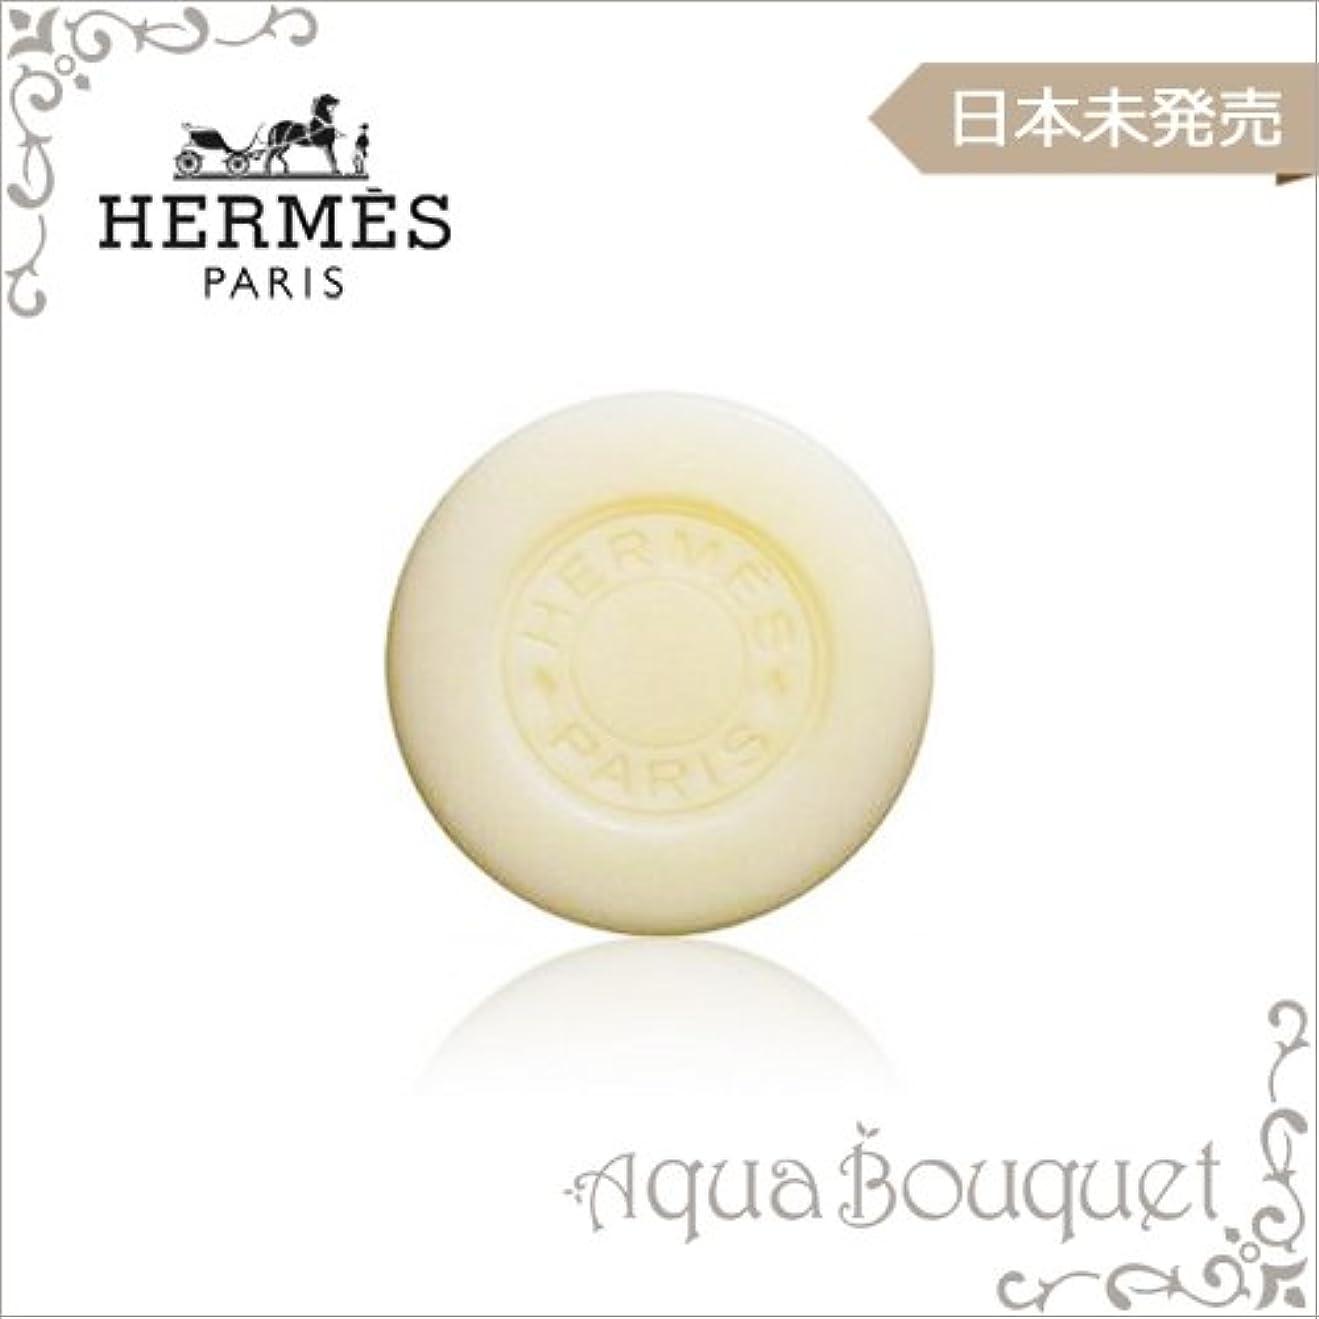 航海の干渉責エルメス テール ド エルメス パフュームド ソープ 100g HERMES TERRE D'HERMES PERFUMED SOAP [並行輸入品]